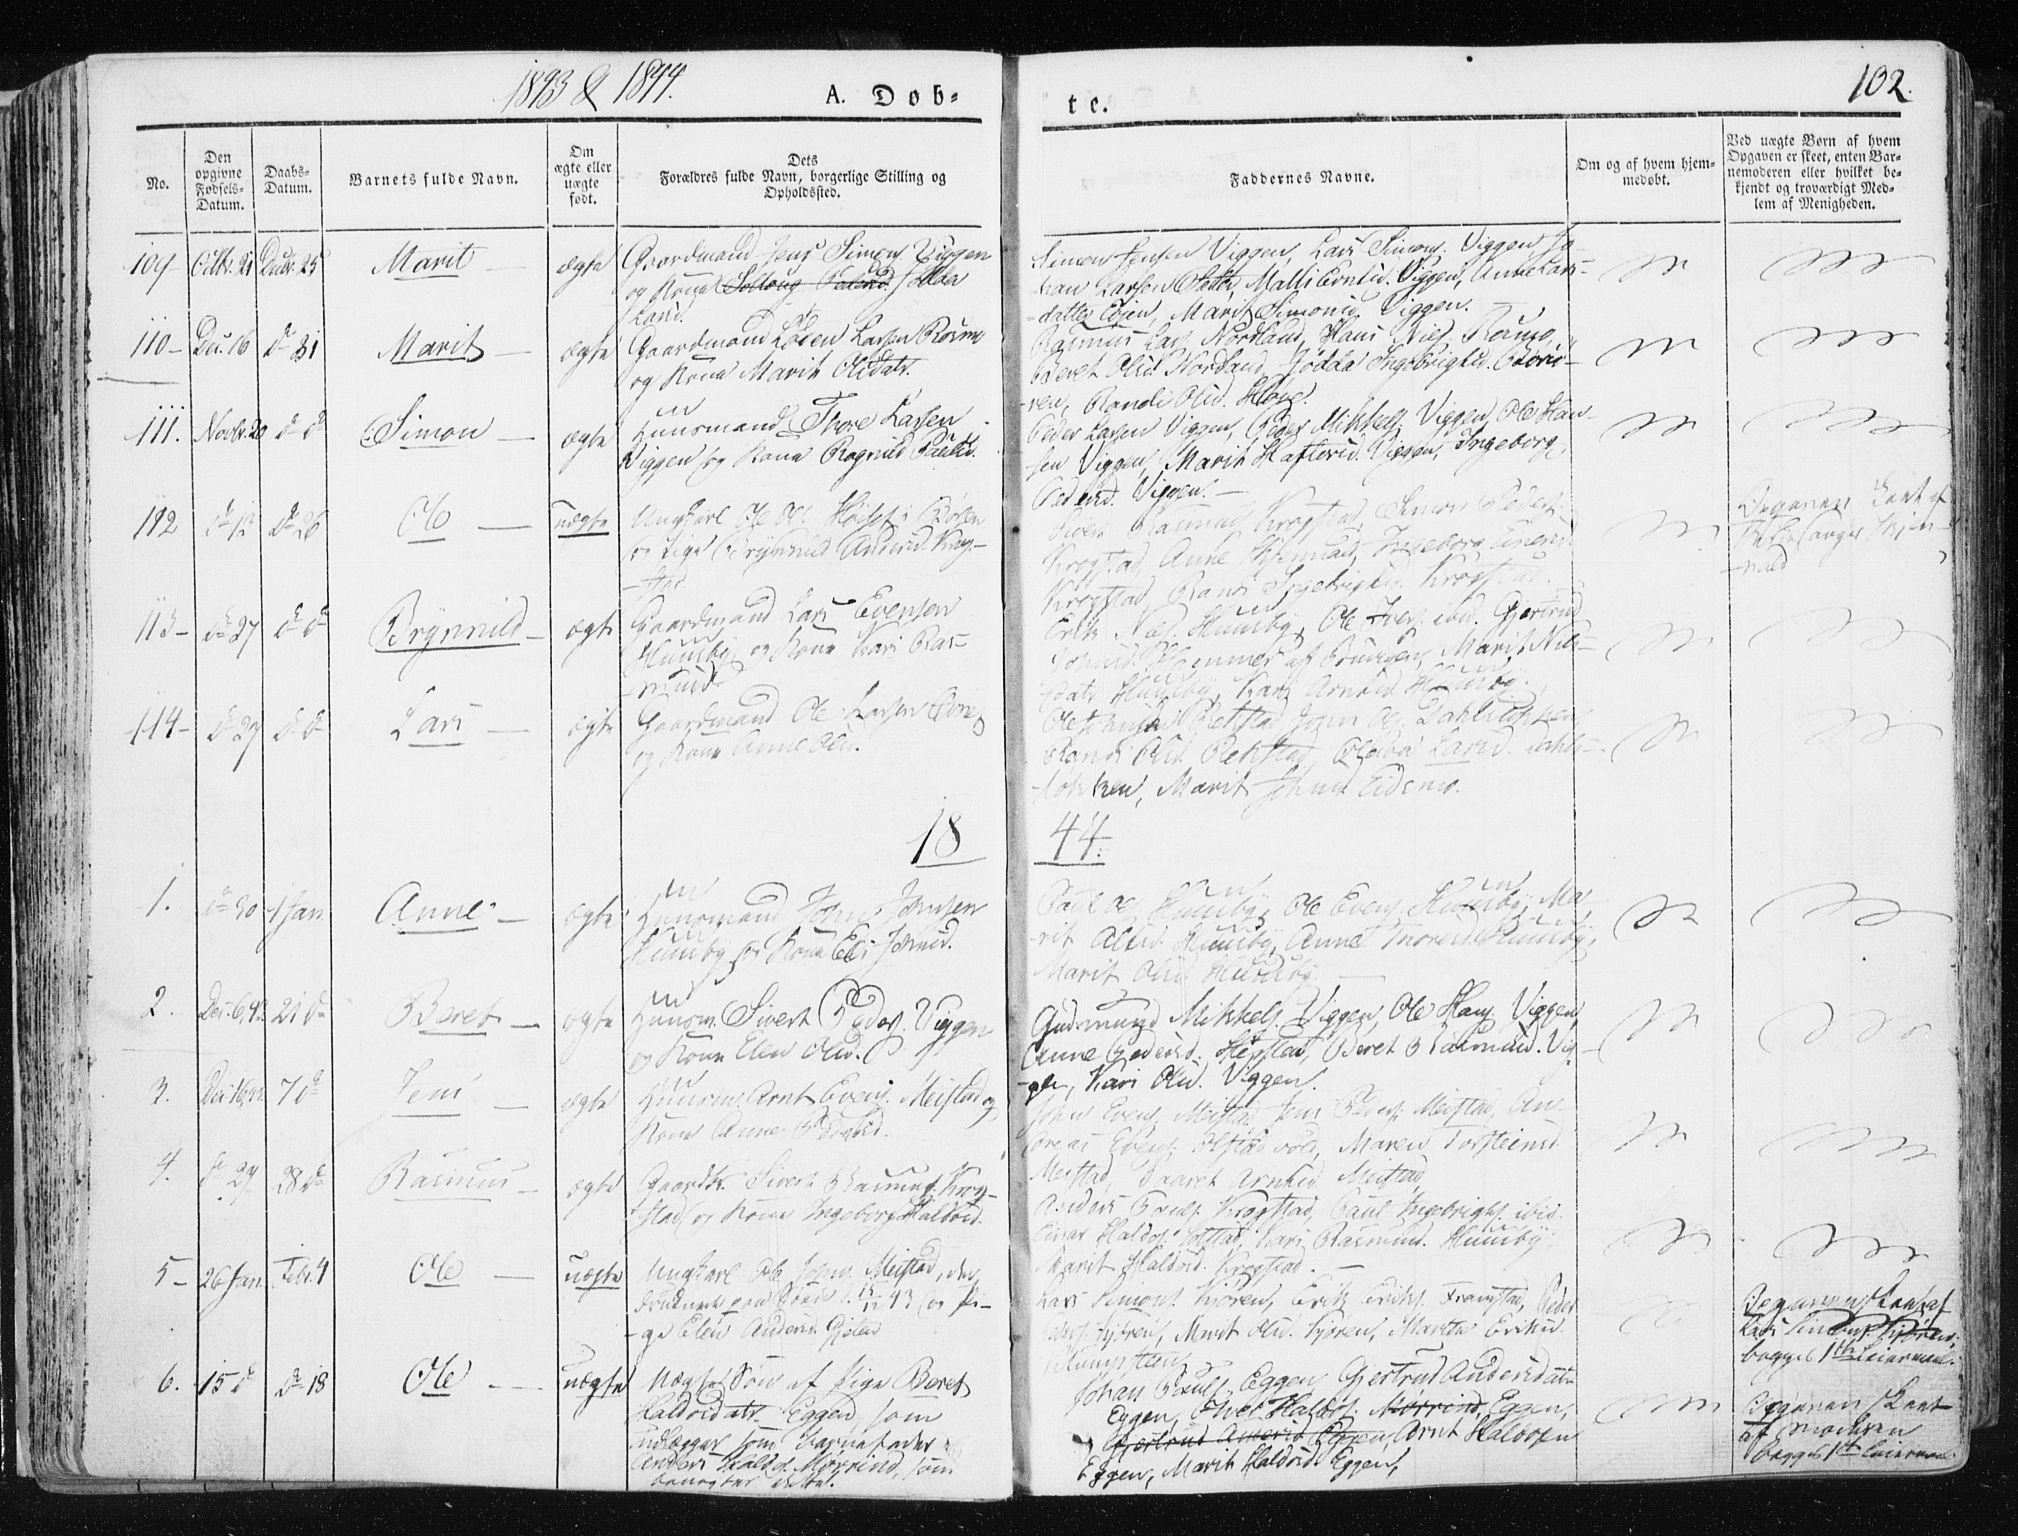 SAT, Ministerialprotokoller, klokkerbøker og fødselsregistre - Sør-Trøndelag, 665/L0771: Ministerialbok nr. 665A06, 1830-1856, s. 102